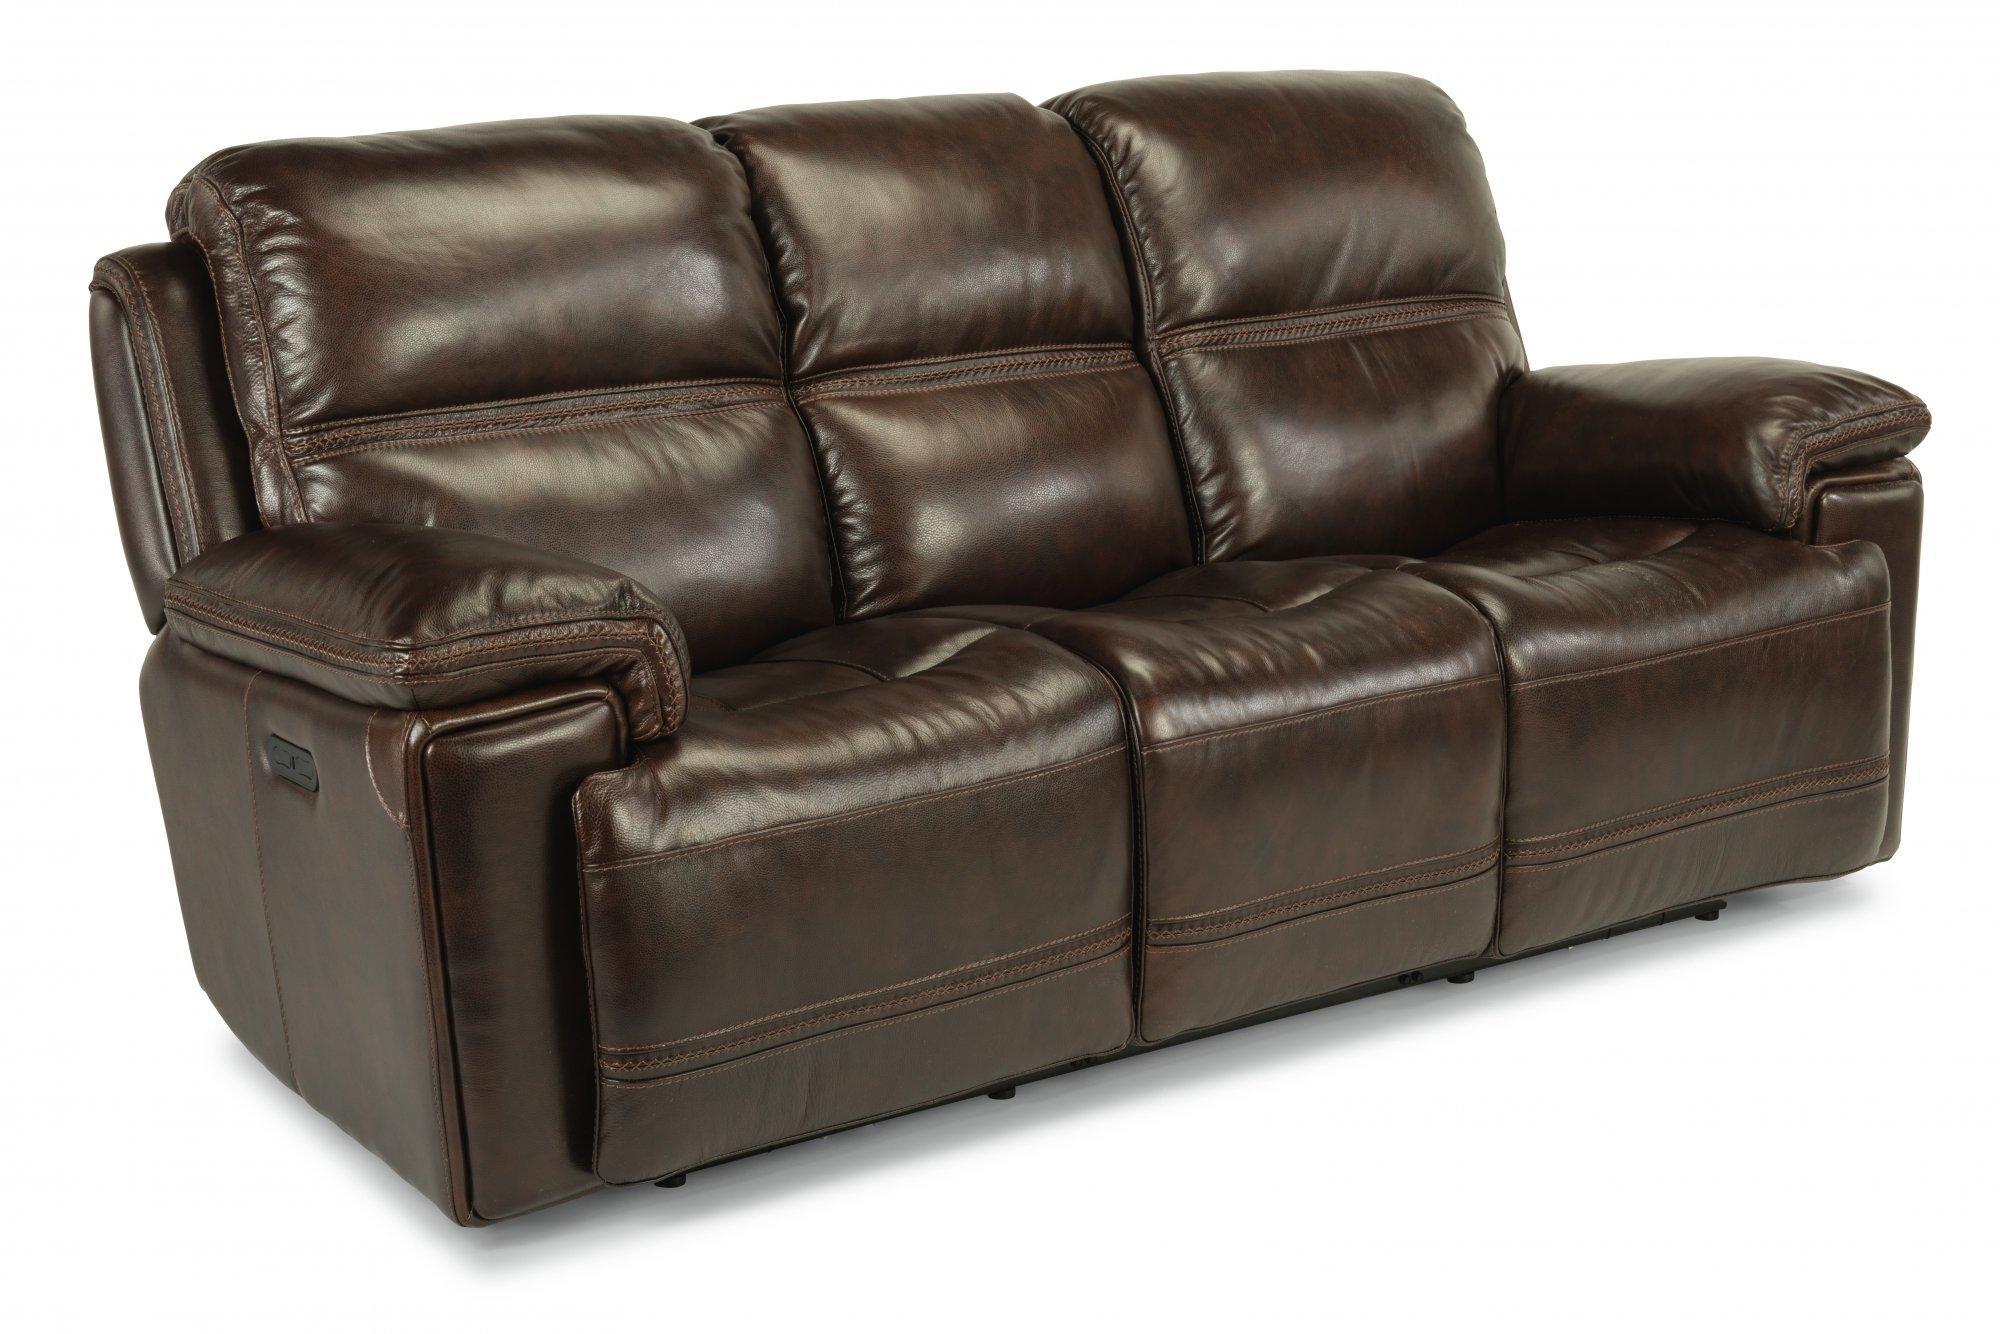 FlexsteelFenwick Power Reclining Sofa With Power Headrests